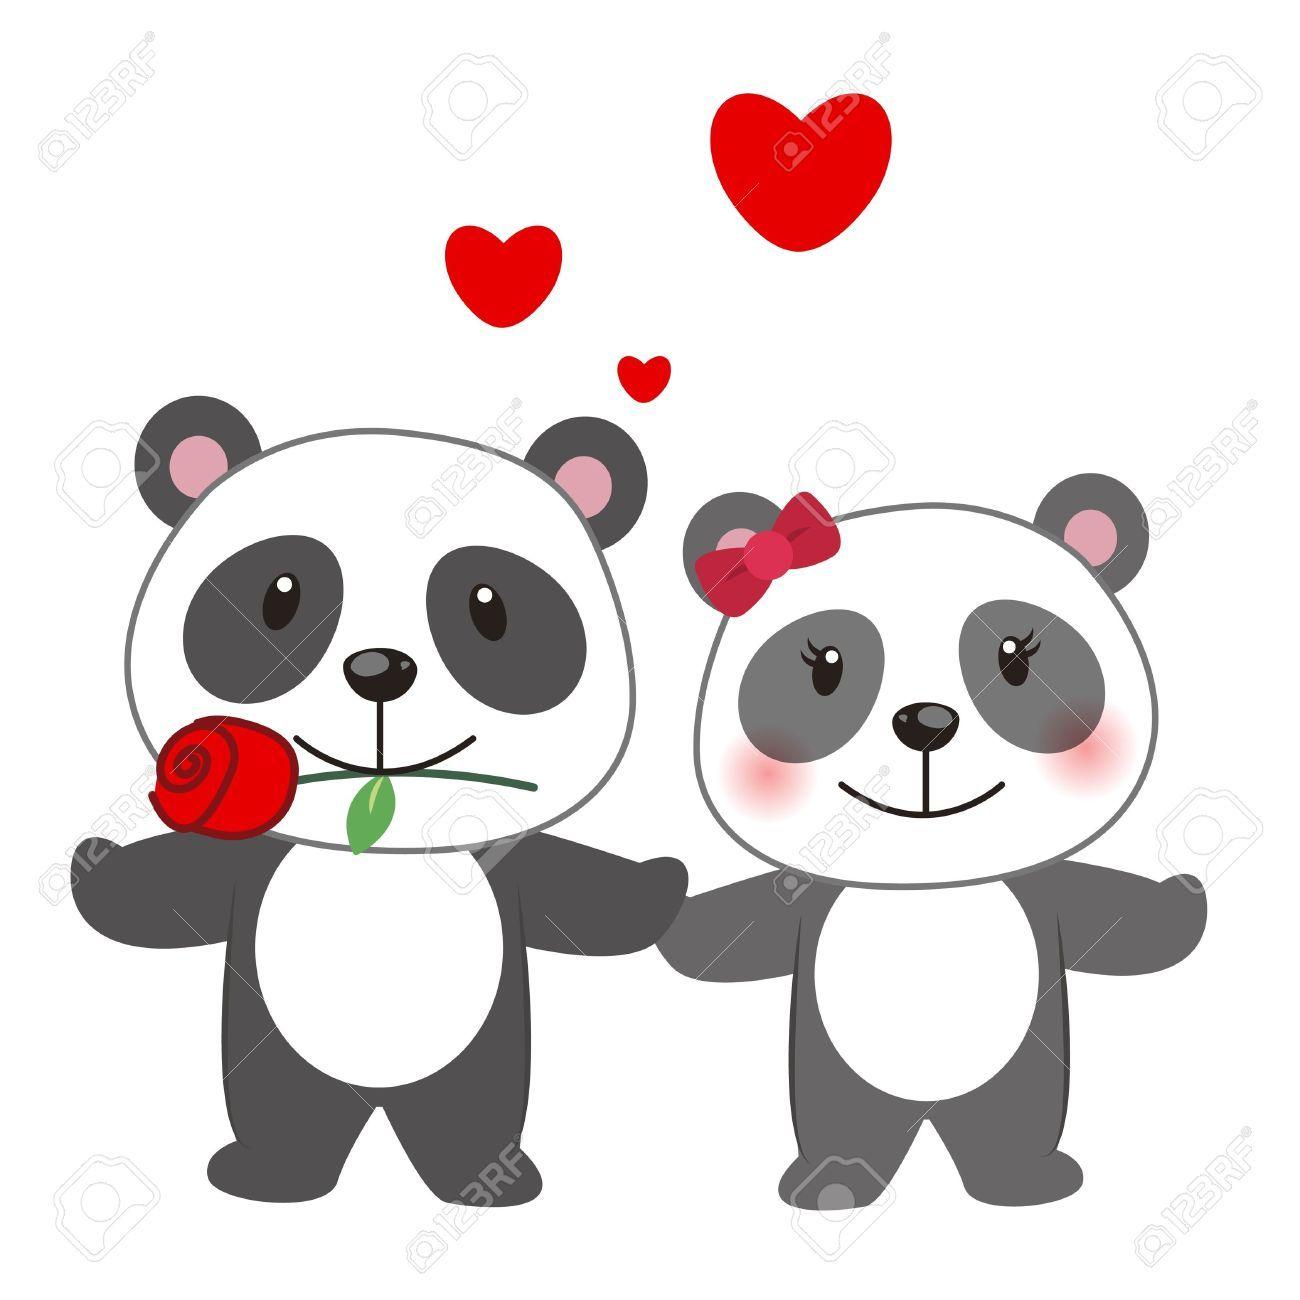 Resultado de imagen para imagenes animadas de enamorados